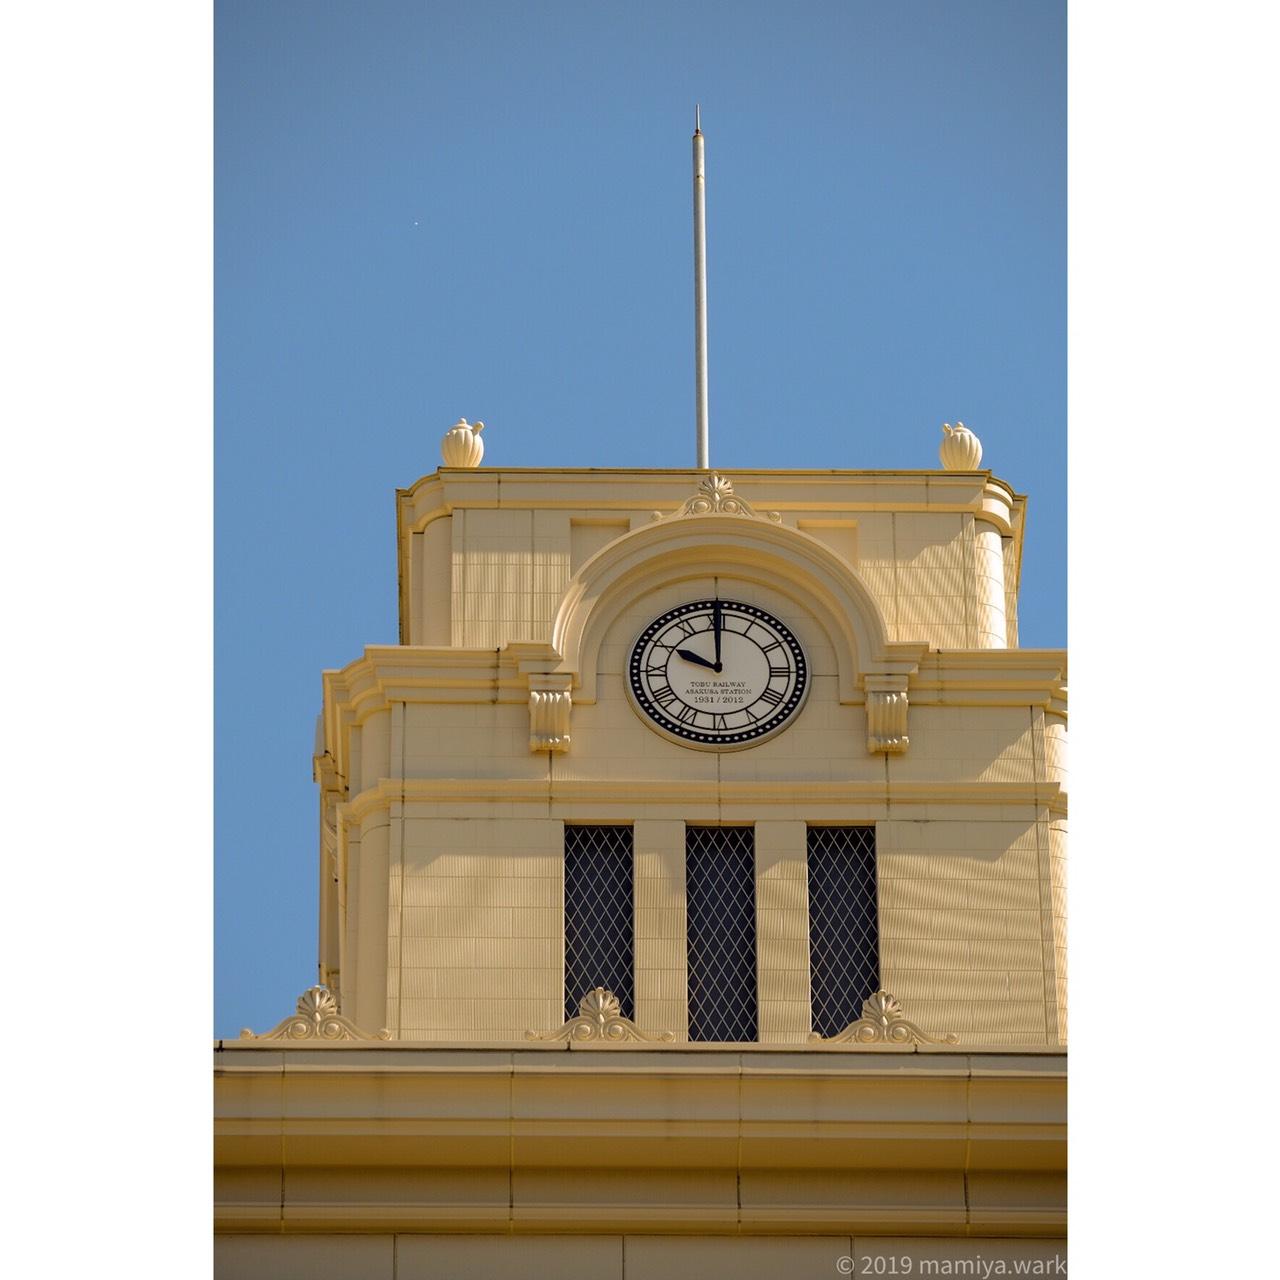 松屋の時計台